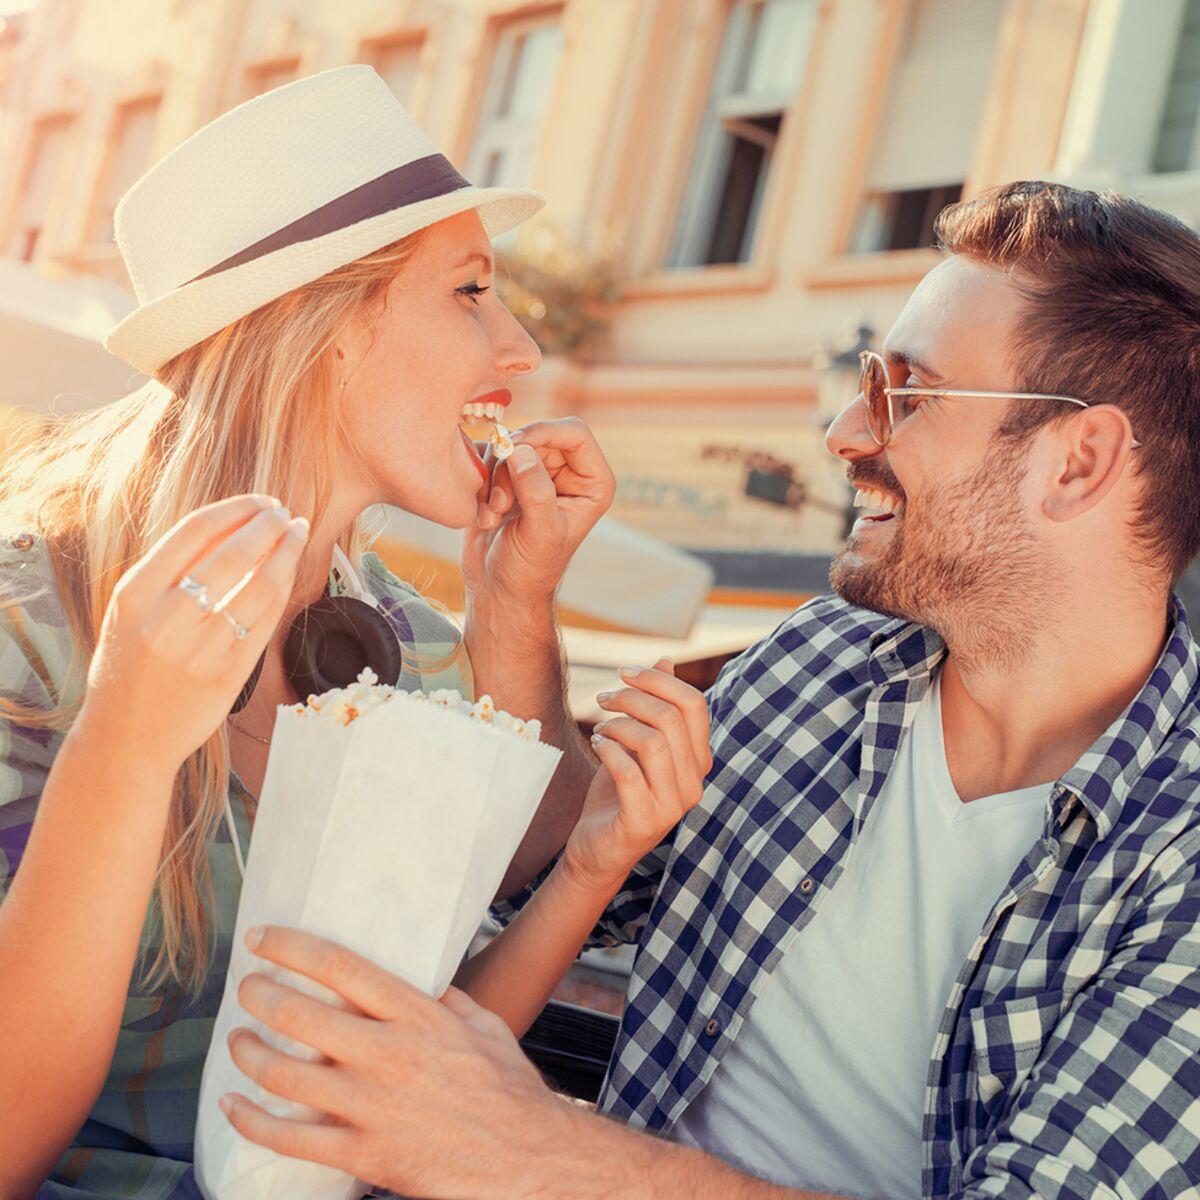 A Quoi Reconnait On Un Couple Amoureux Femme Actuelle Le Mag